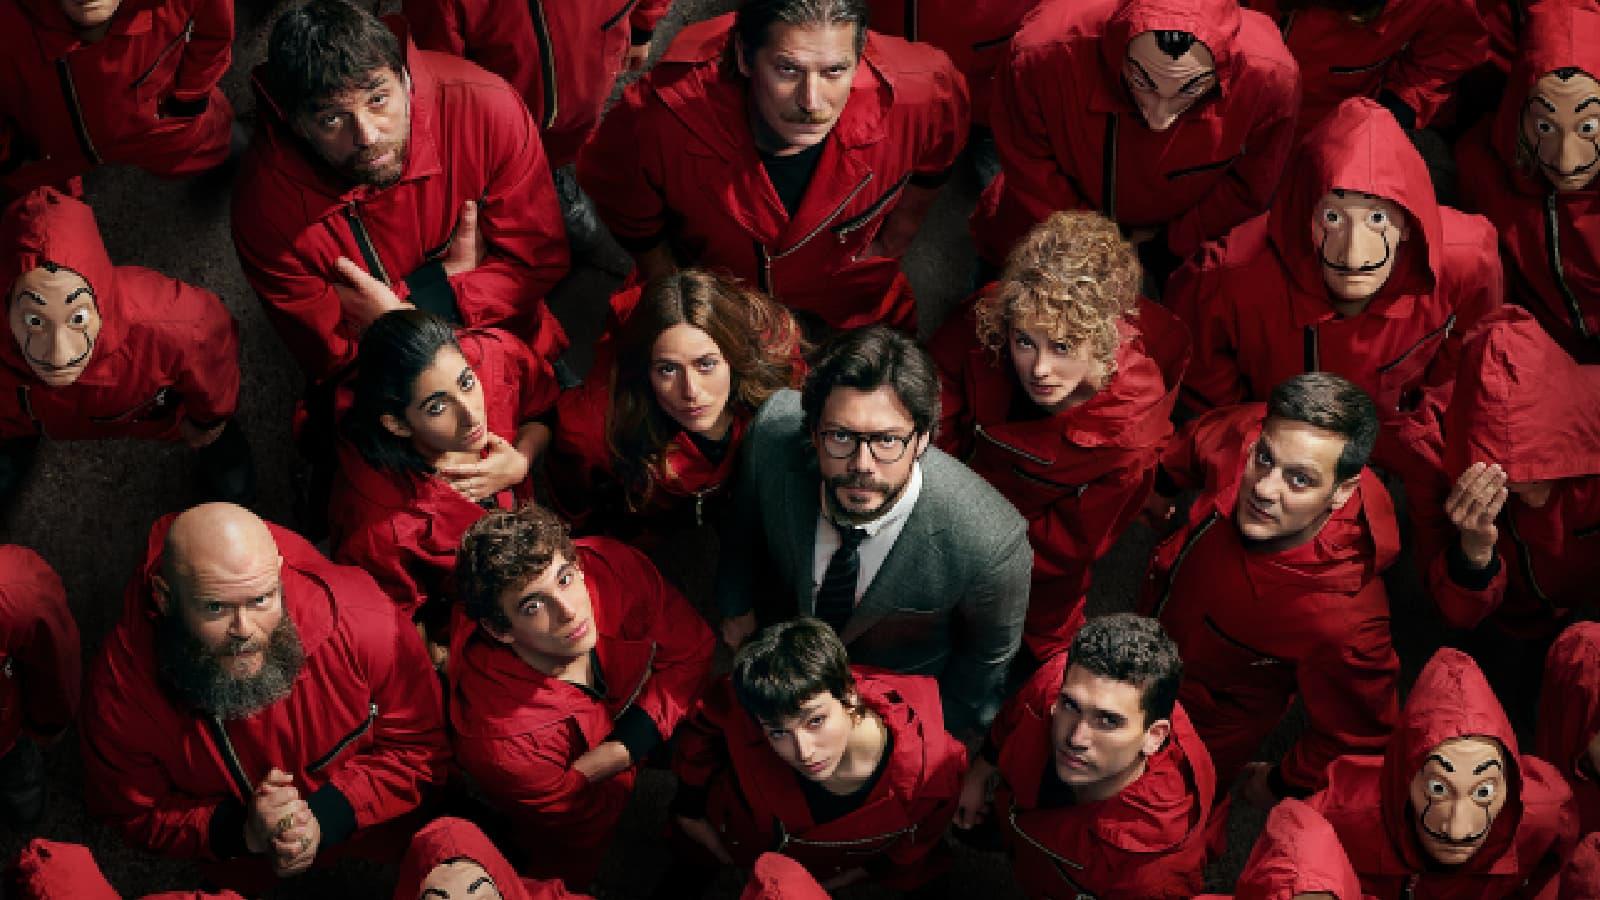 El Profesor n'a pas dit son dernier mot sur Netflix